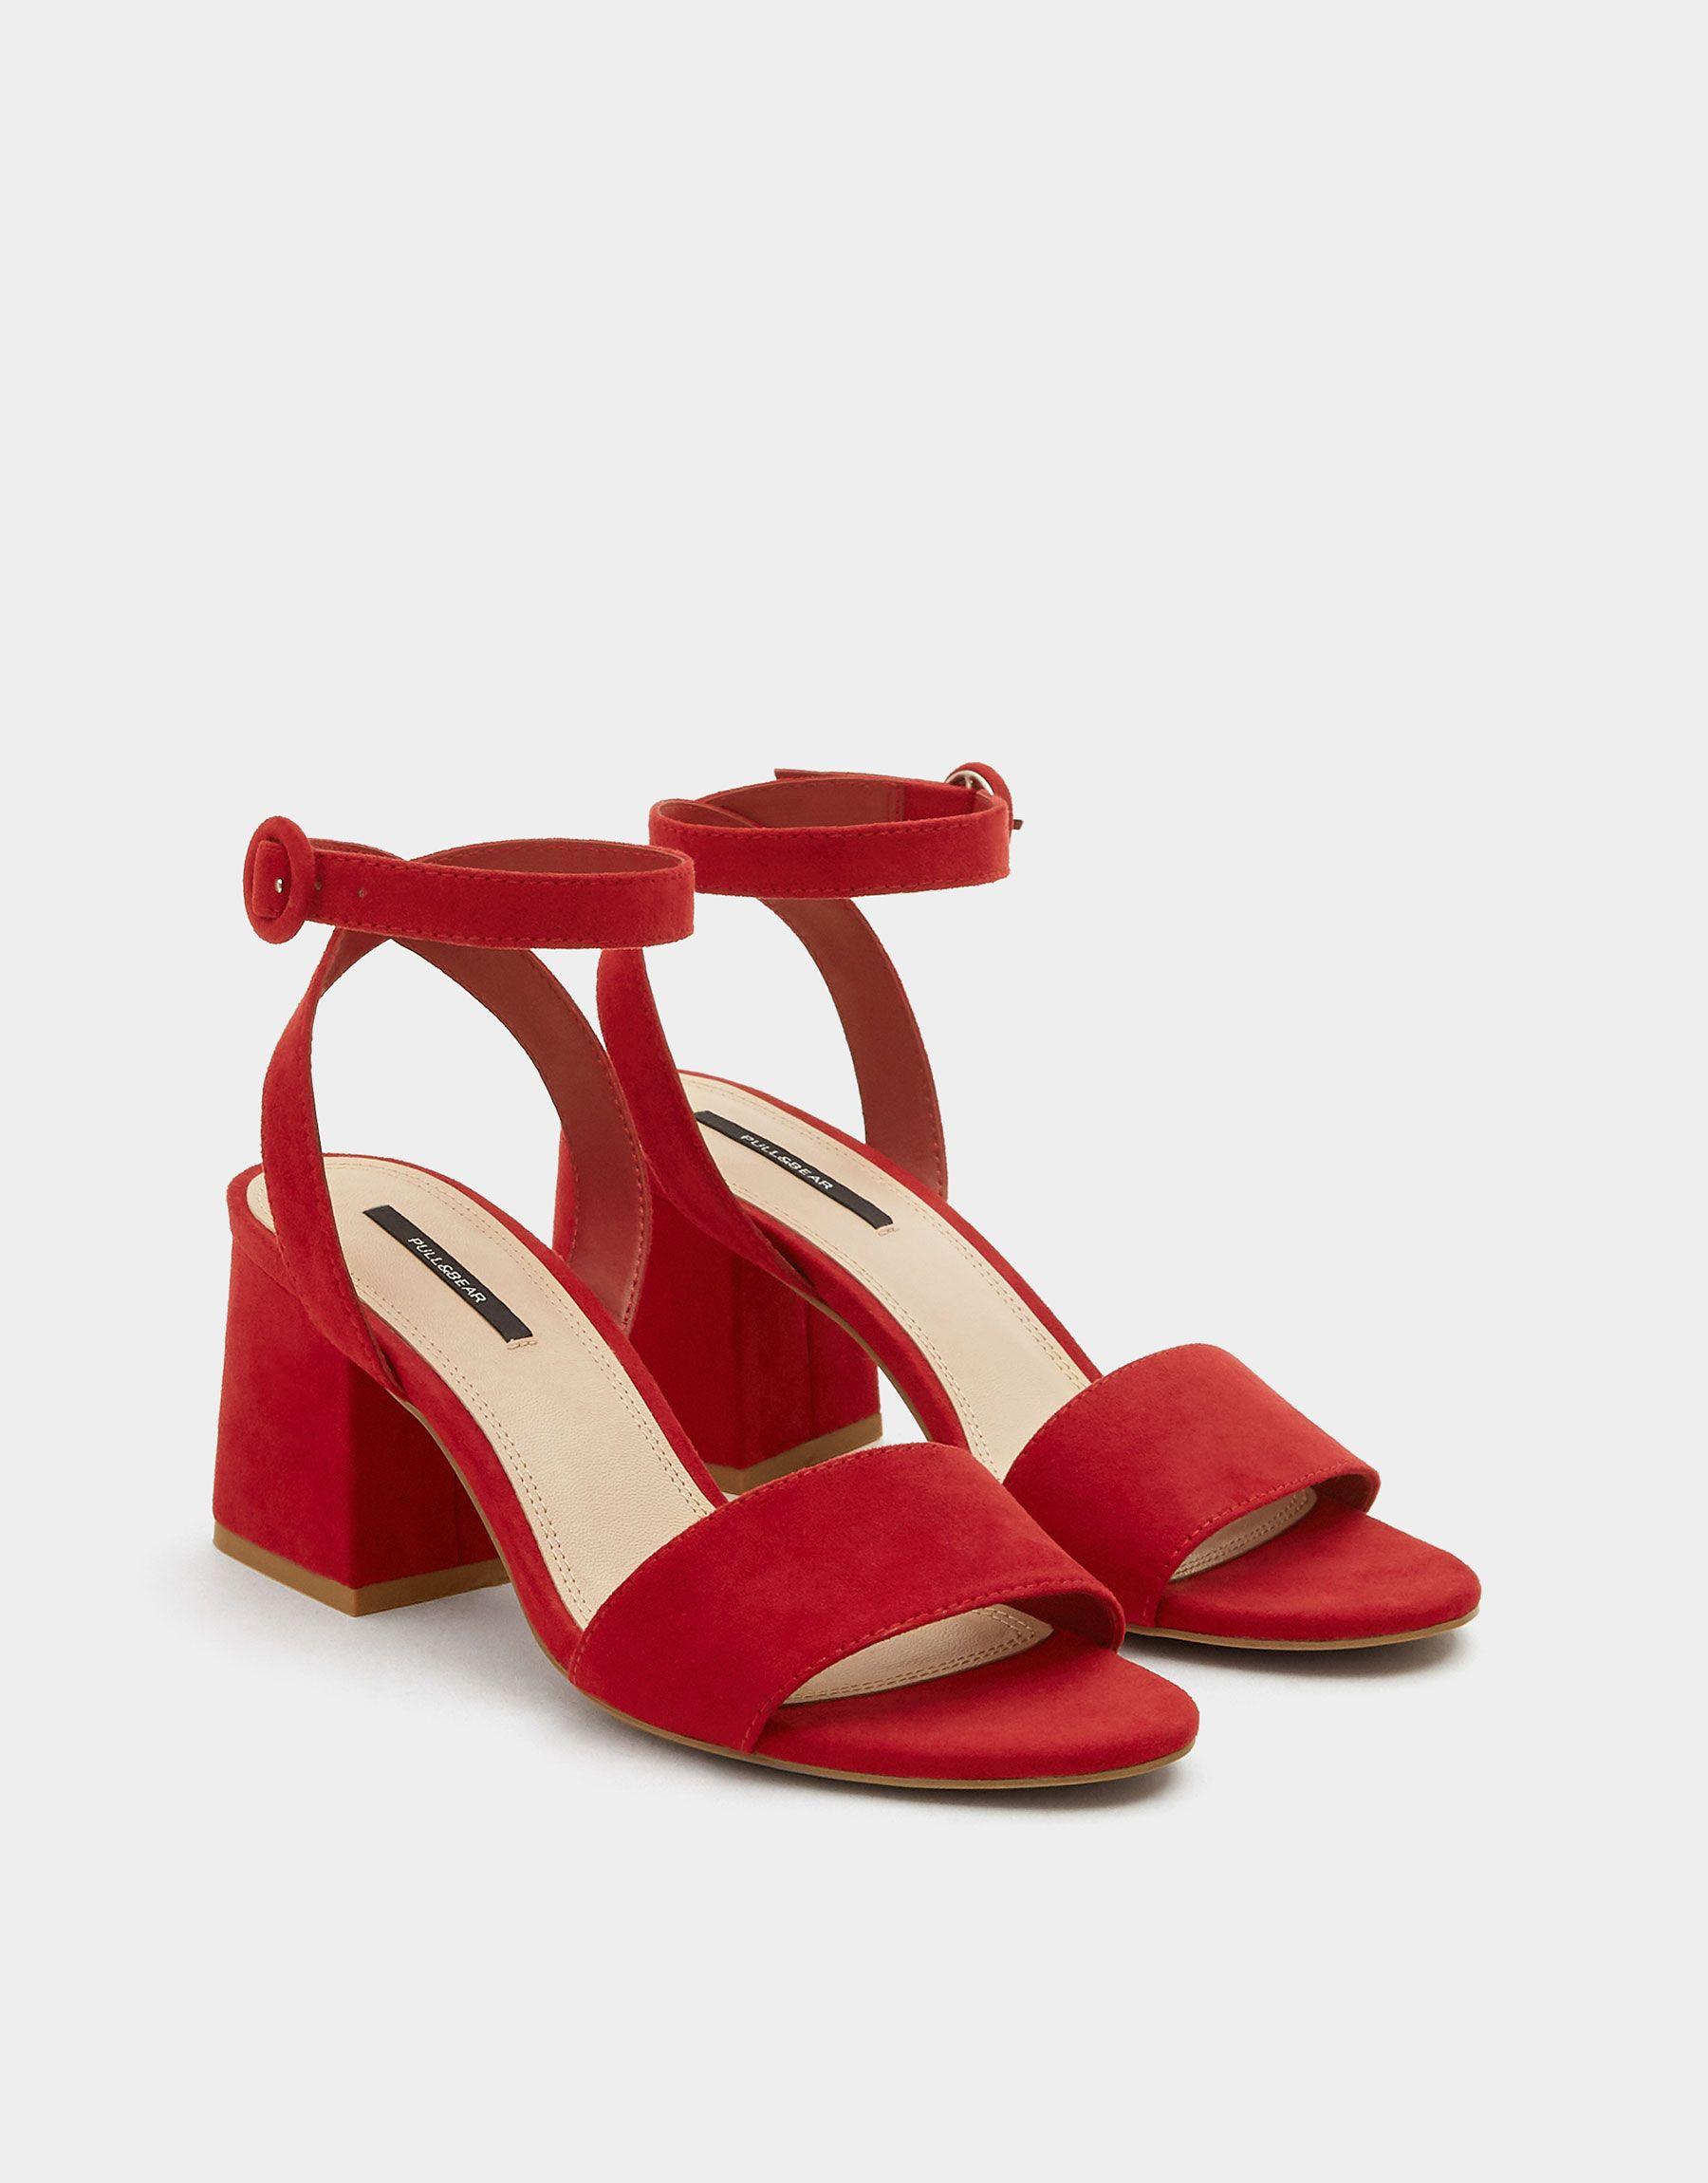 3d817a0781 Sandale rouge talon midi bride cheville. - Nouveautés - Femme - PULL BEAR  France Vermelho